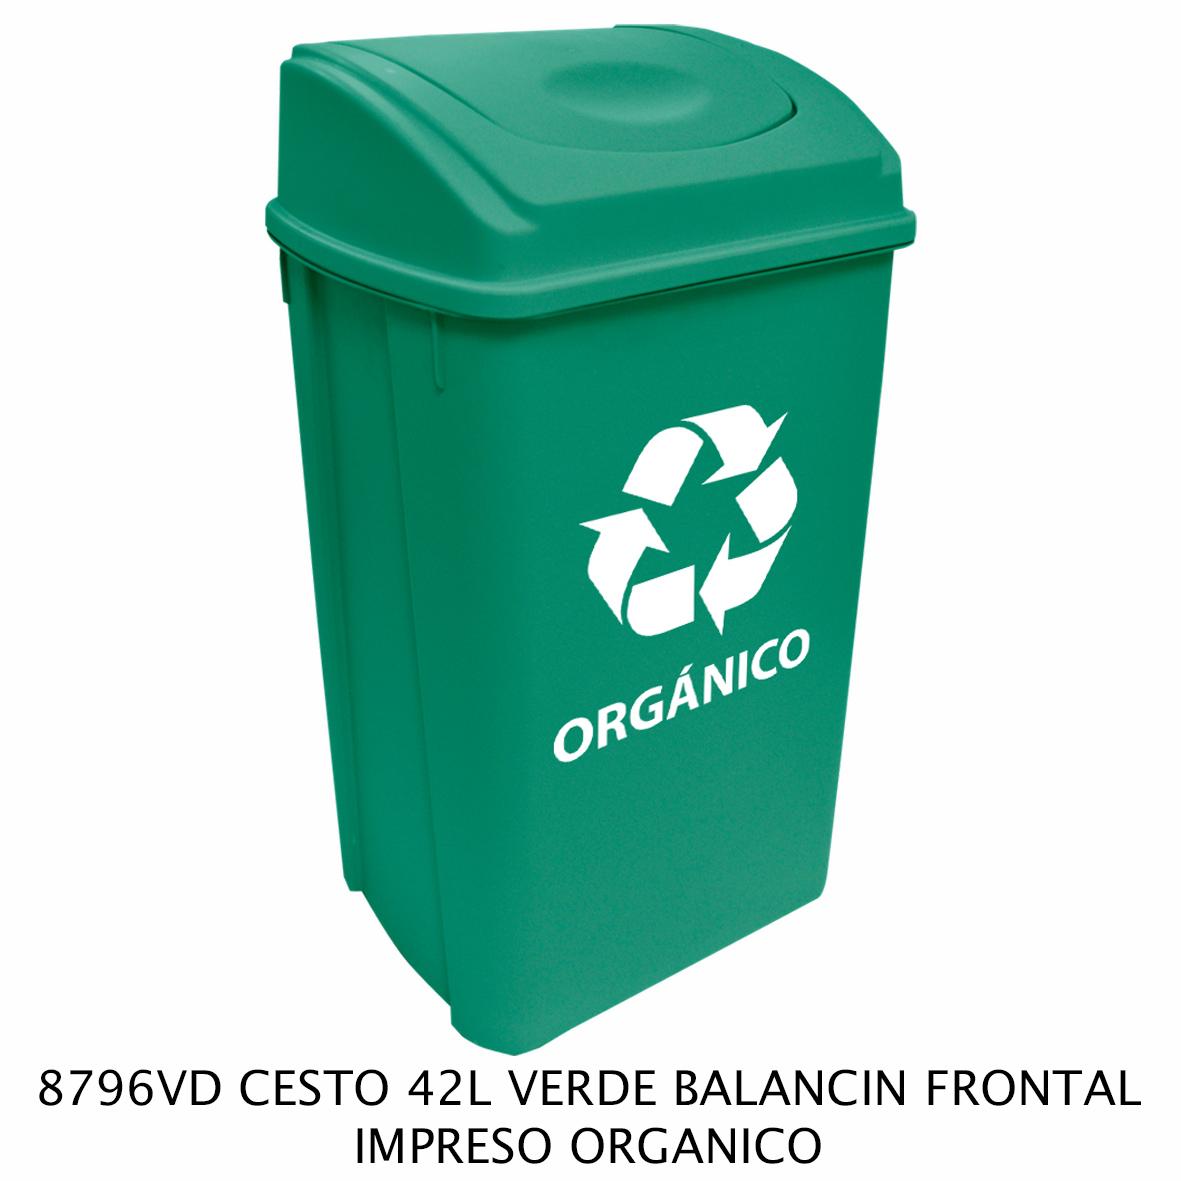 Bote de basura de 42 litros con balancín frontal color verde modelo 8796VD impreso orgánico de Sablón